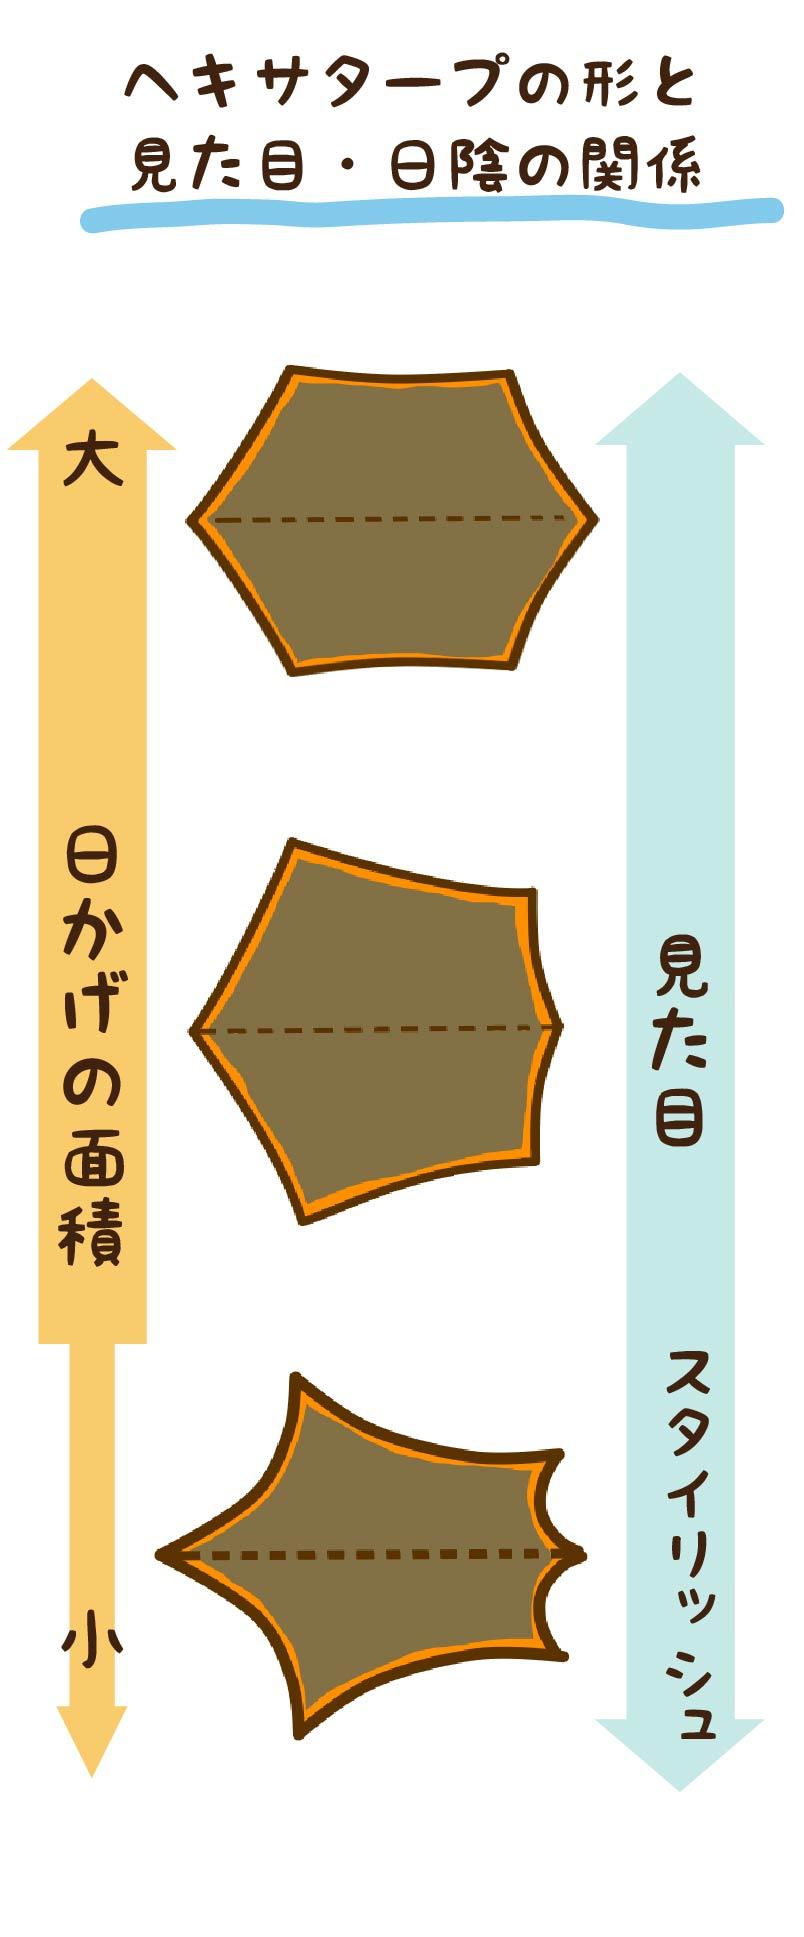 ヘキサタープの形と見た目・日陰の関係